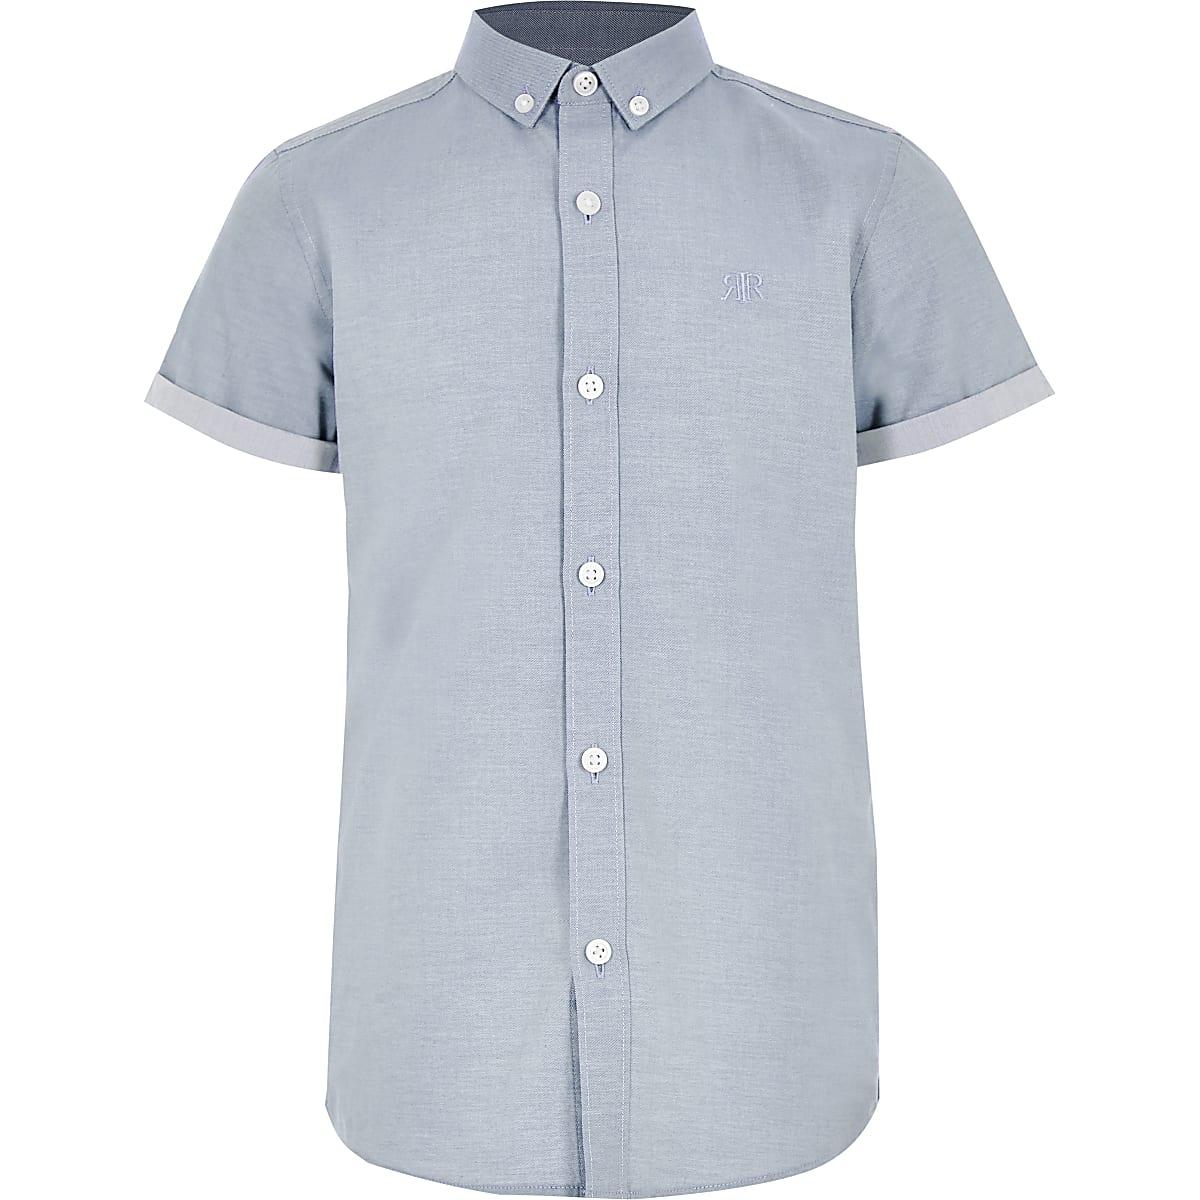 Blauw overhemd met RI-logo en korte mouwen voor jongens